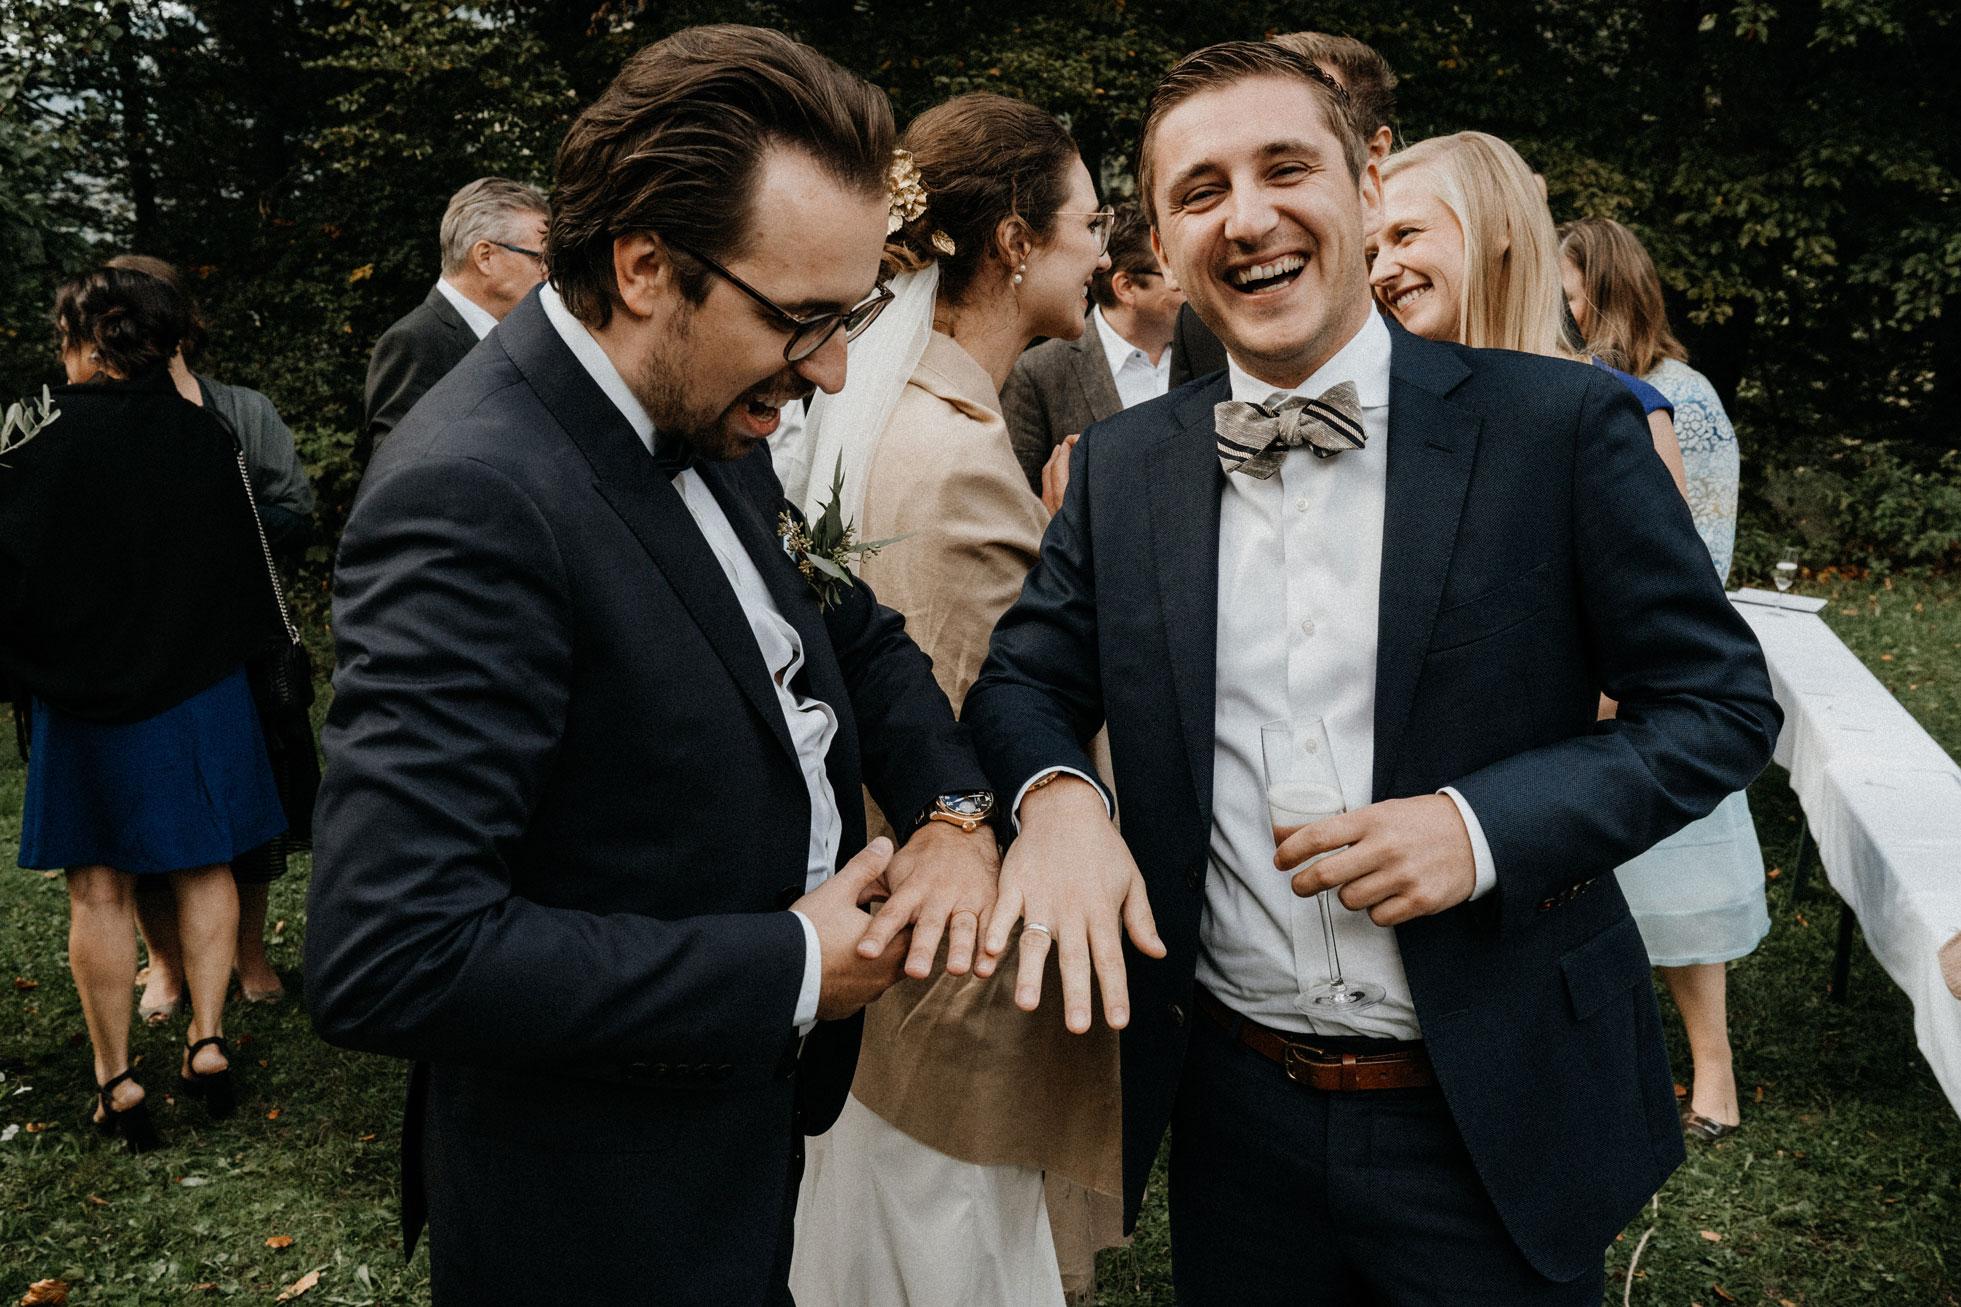 Hochzeit_Claire_Manuel_Villa_Maund_Daniel_Jenny-288.jpg